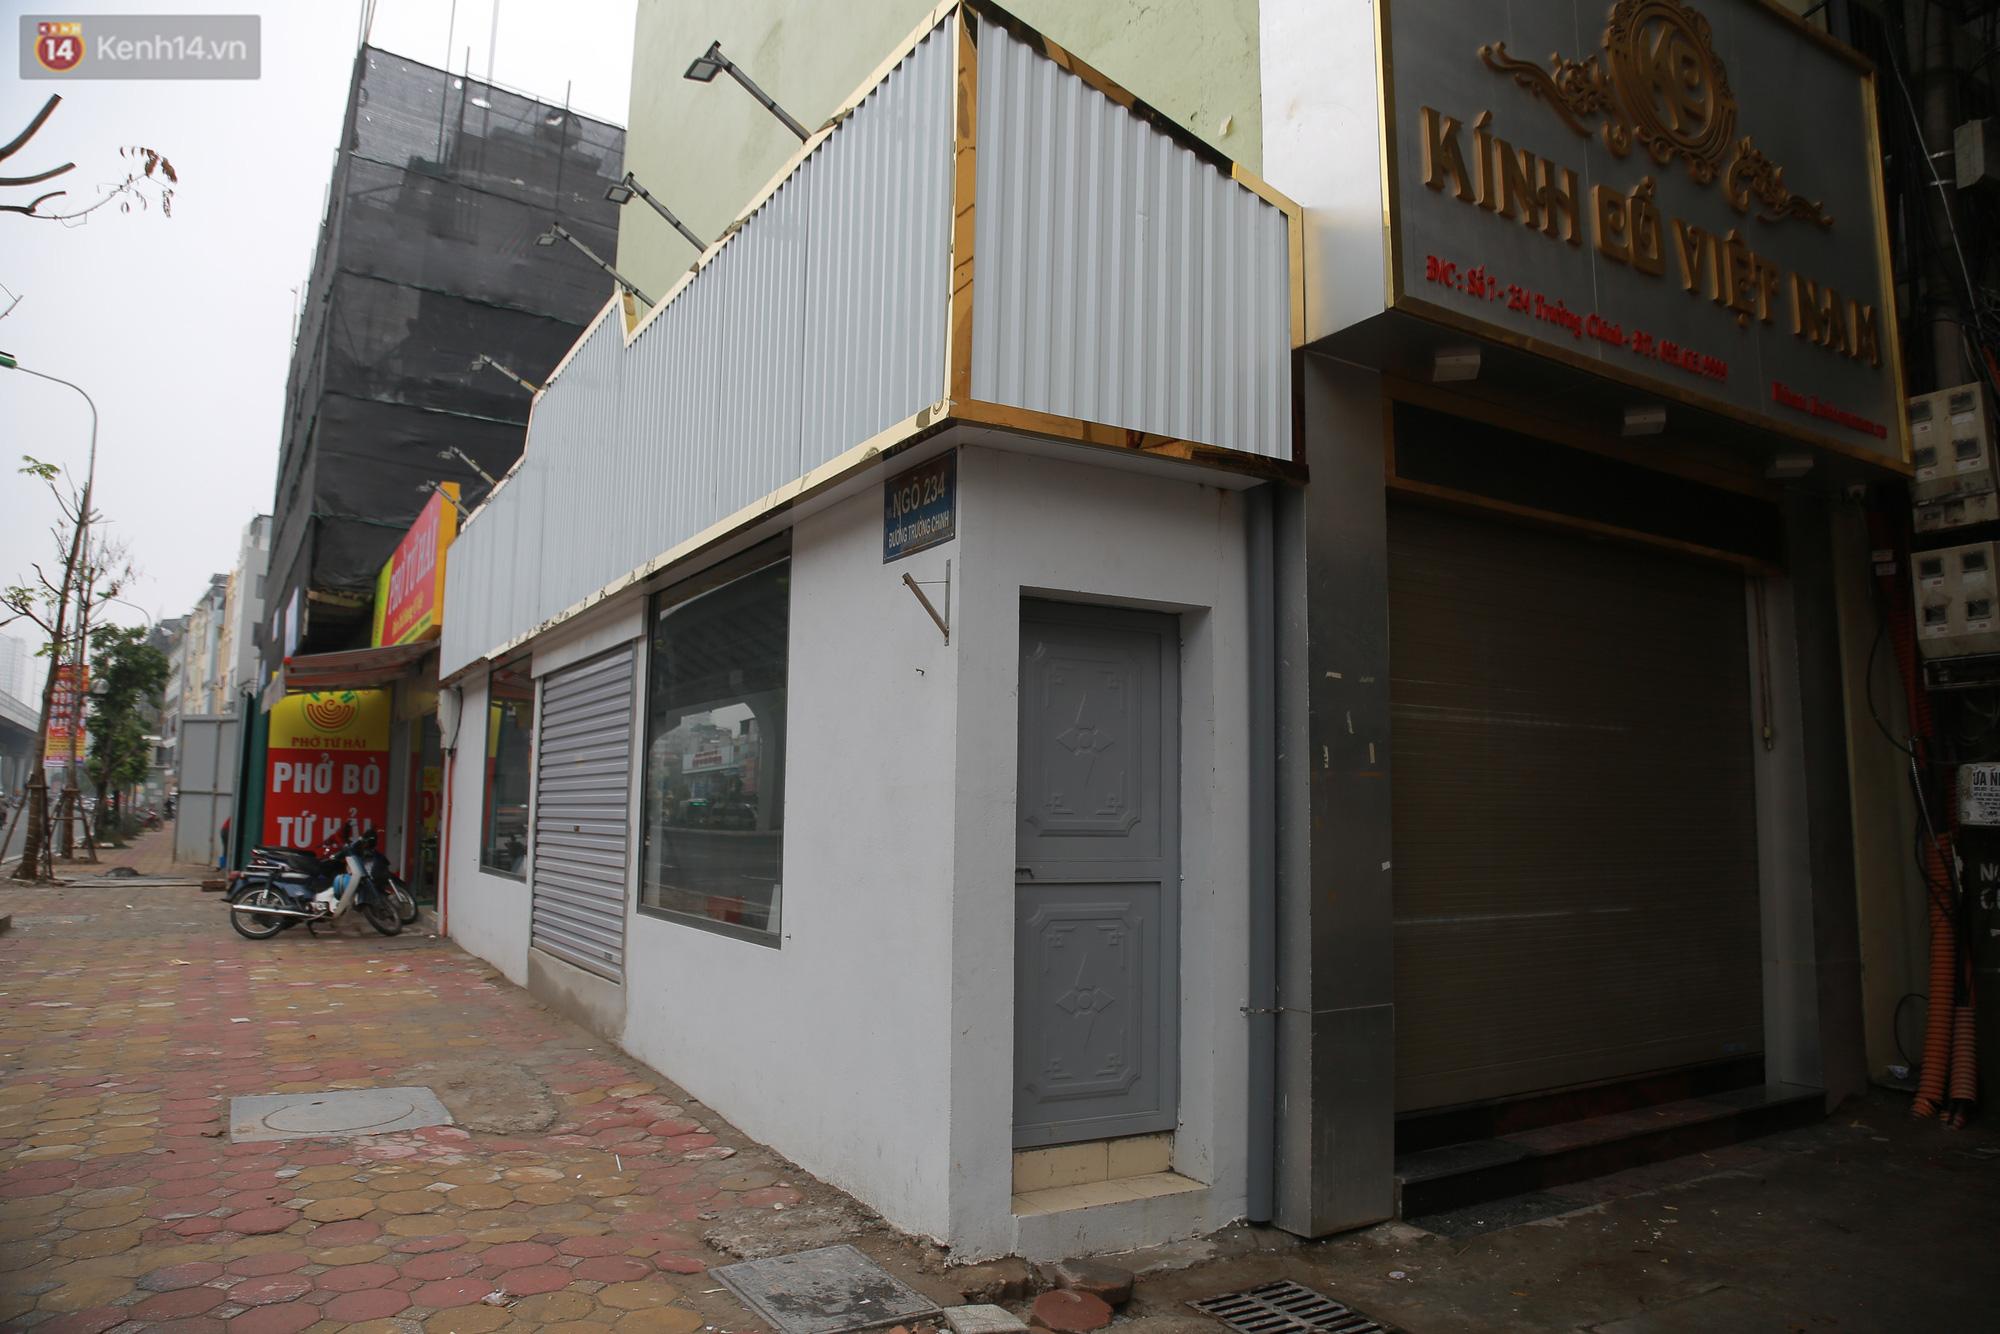 Ảnh: Cận cảnh những ngôi nhà siêu mỏng, siêu nhỏ ở đường Trường Chinh - Ảnh 8.